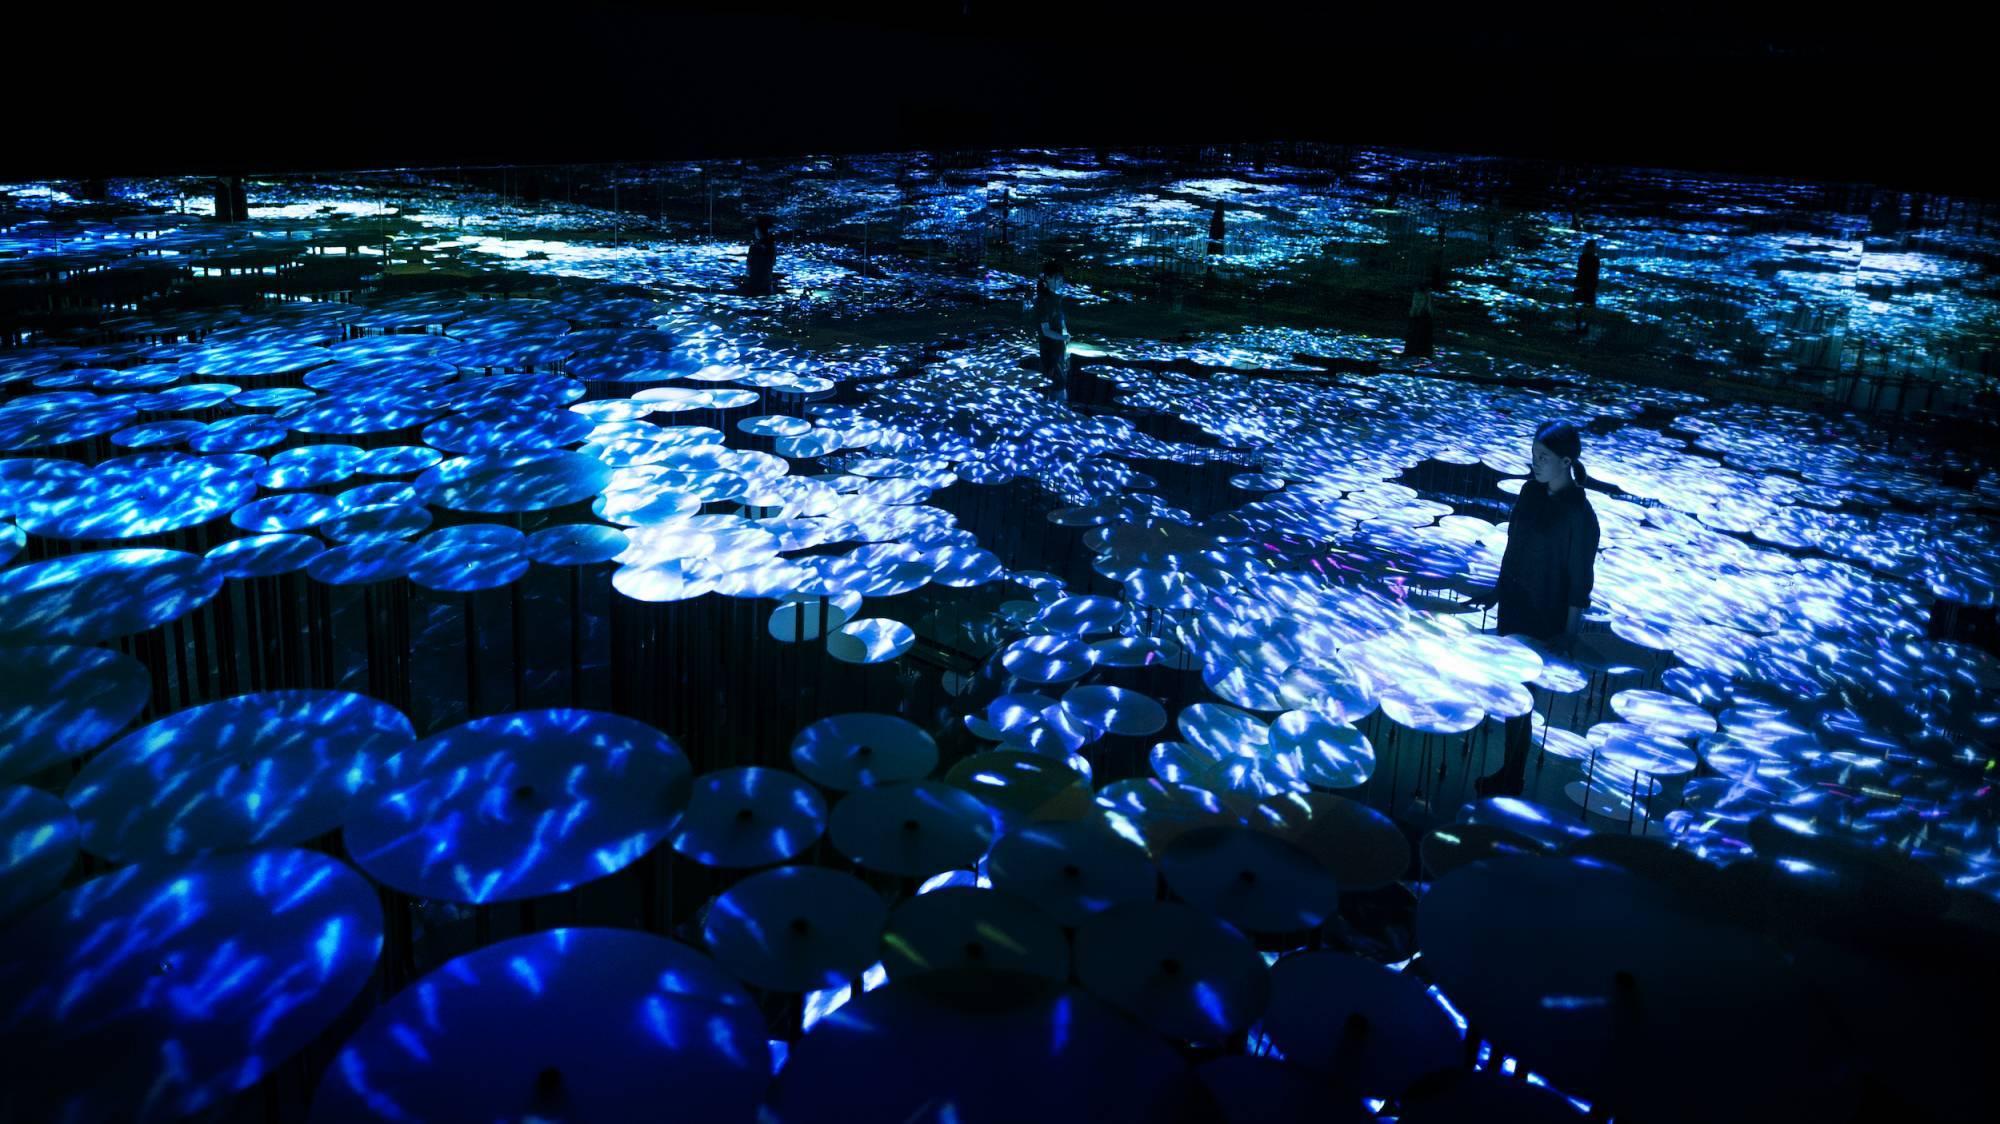 Токио Другая реальность: первый в мире Музей цифровых искусств в Токио 14385